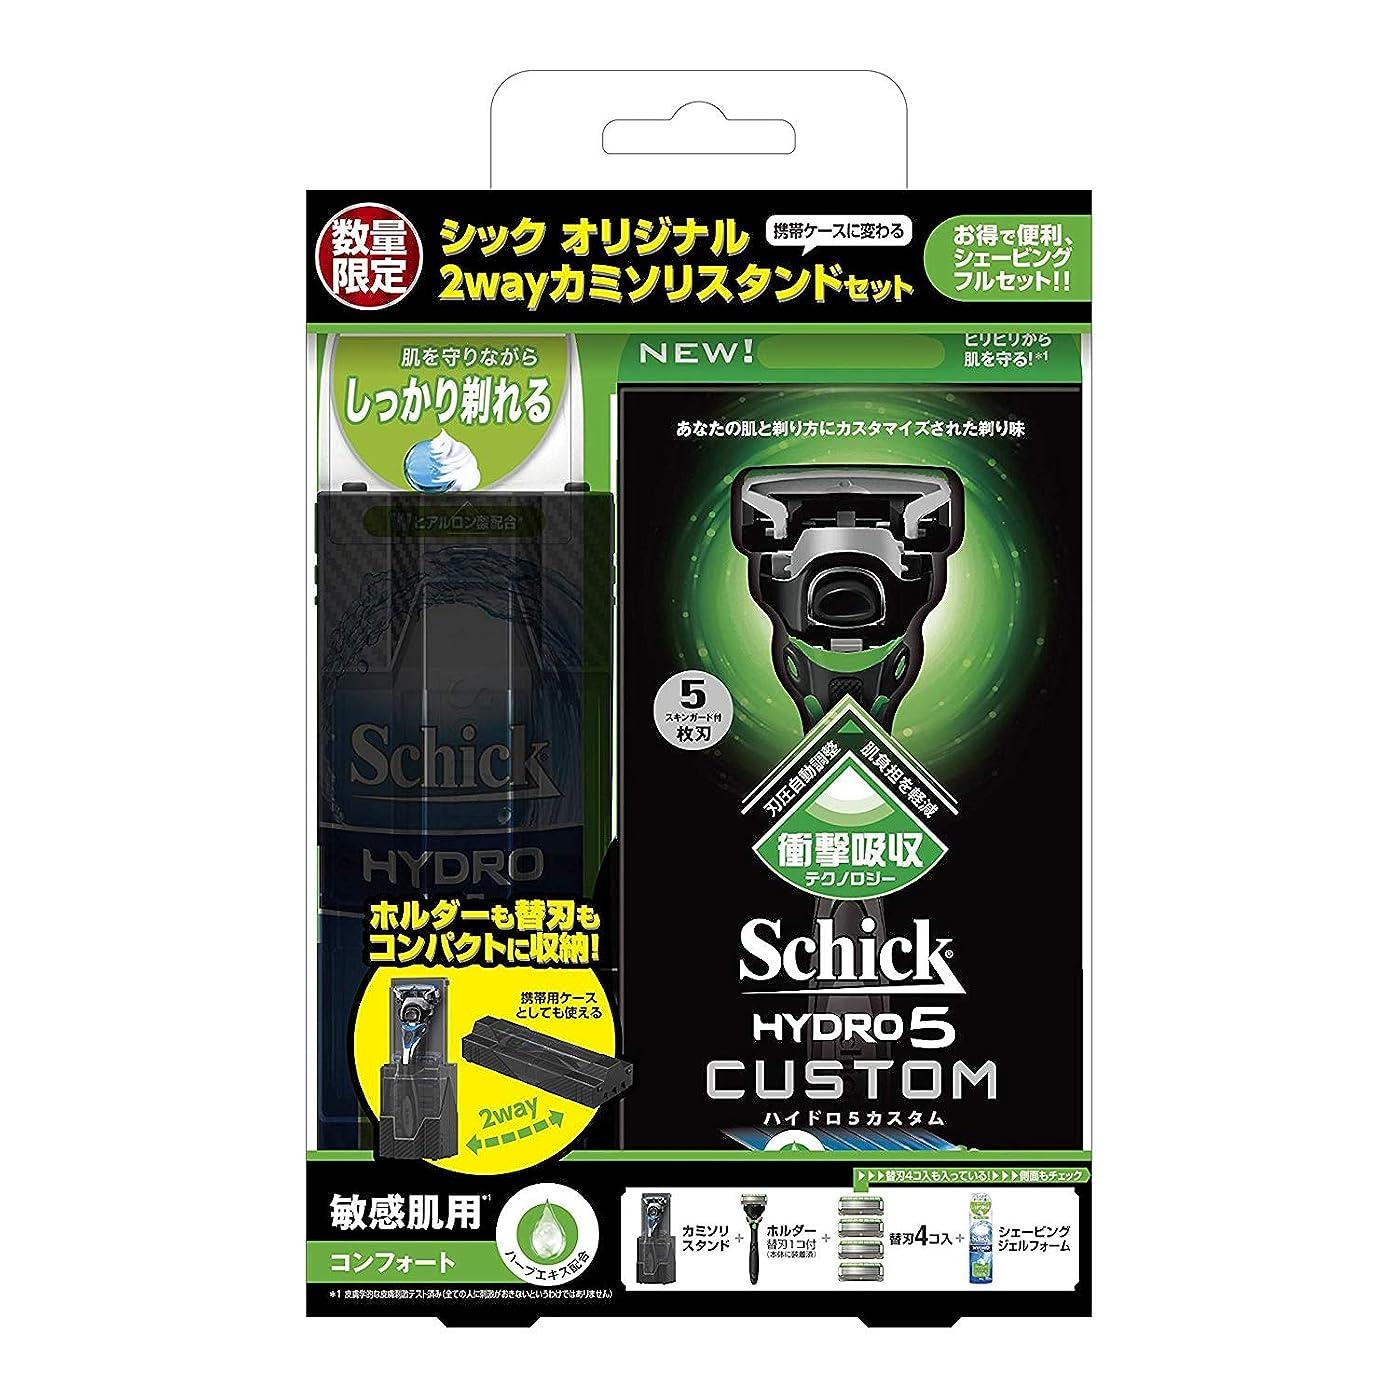 性的ドライブ探検シック Schick 5枚刃 ハイドロ5 カスタム コンフォート スペシャルパック 替刃5コ付 (替刃は本体に装着済み) 男性 カミソリ